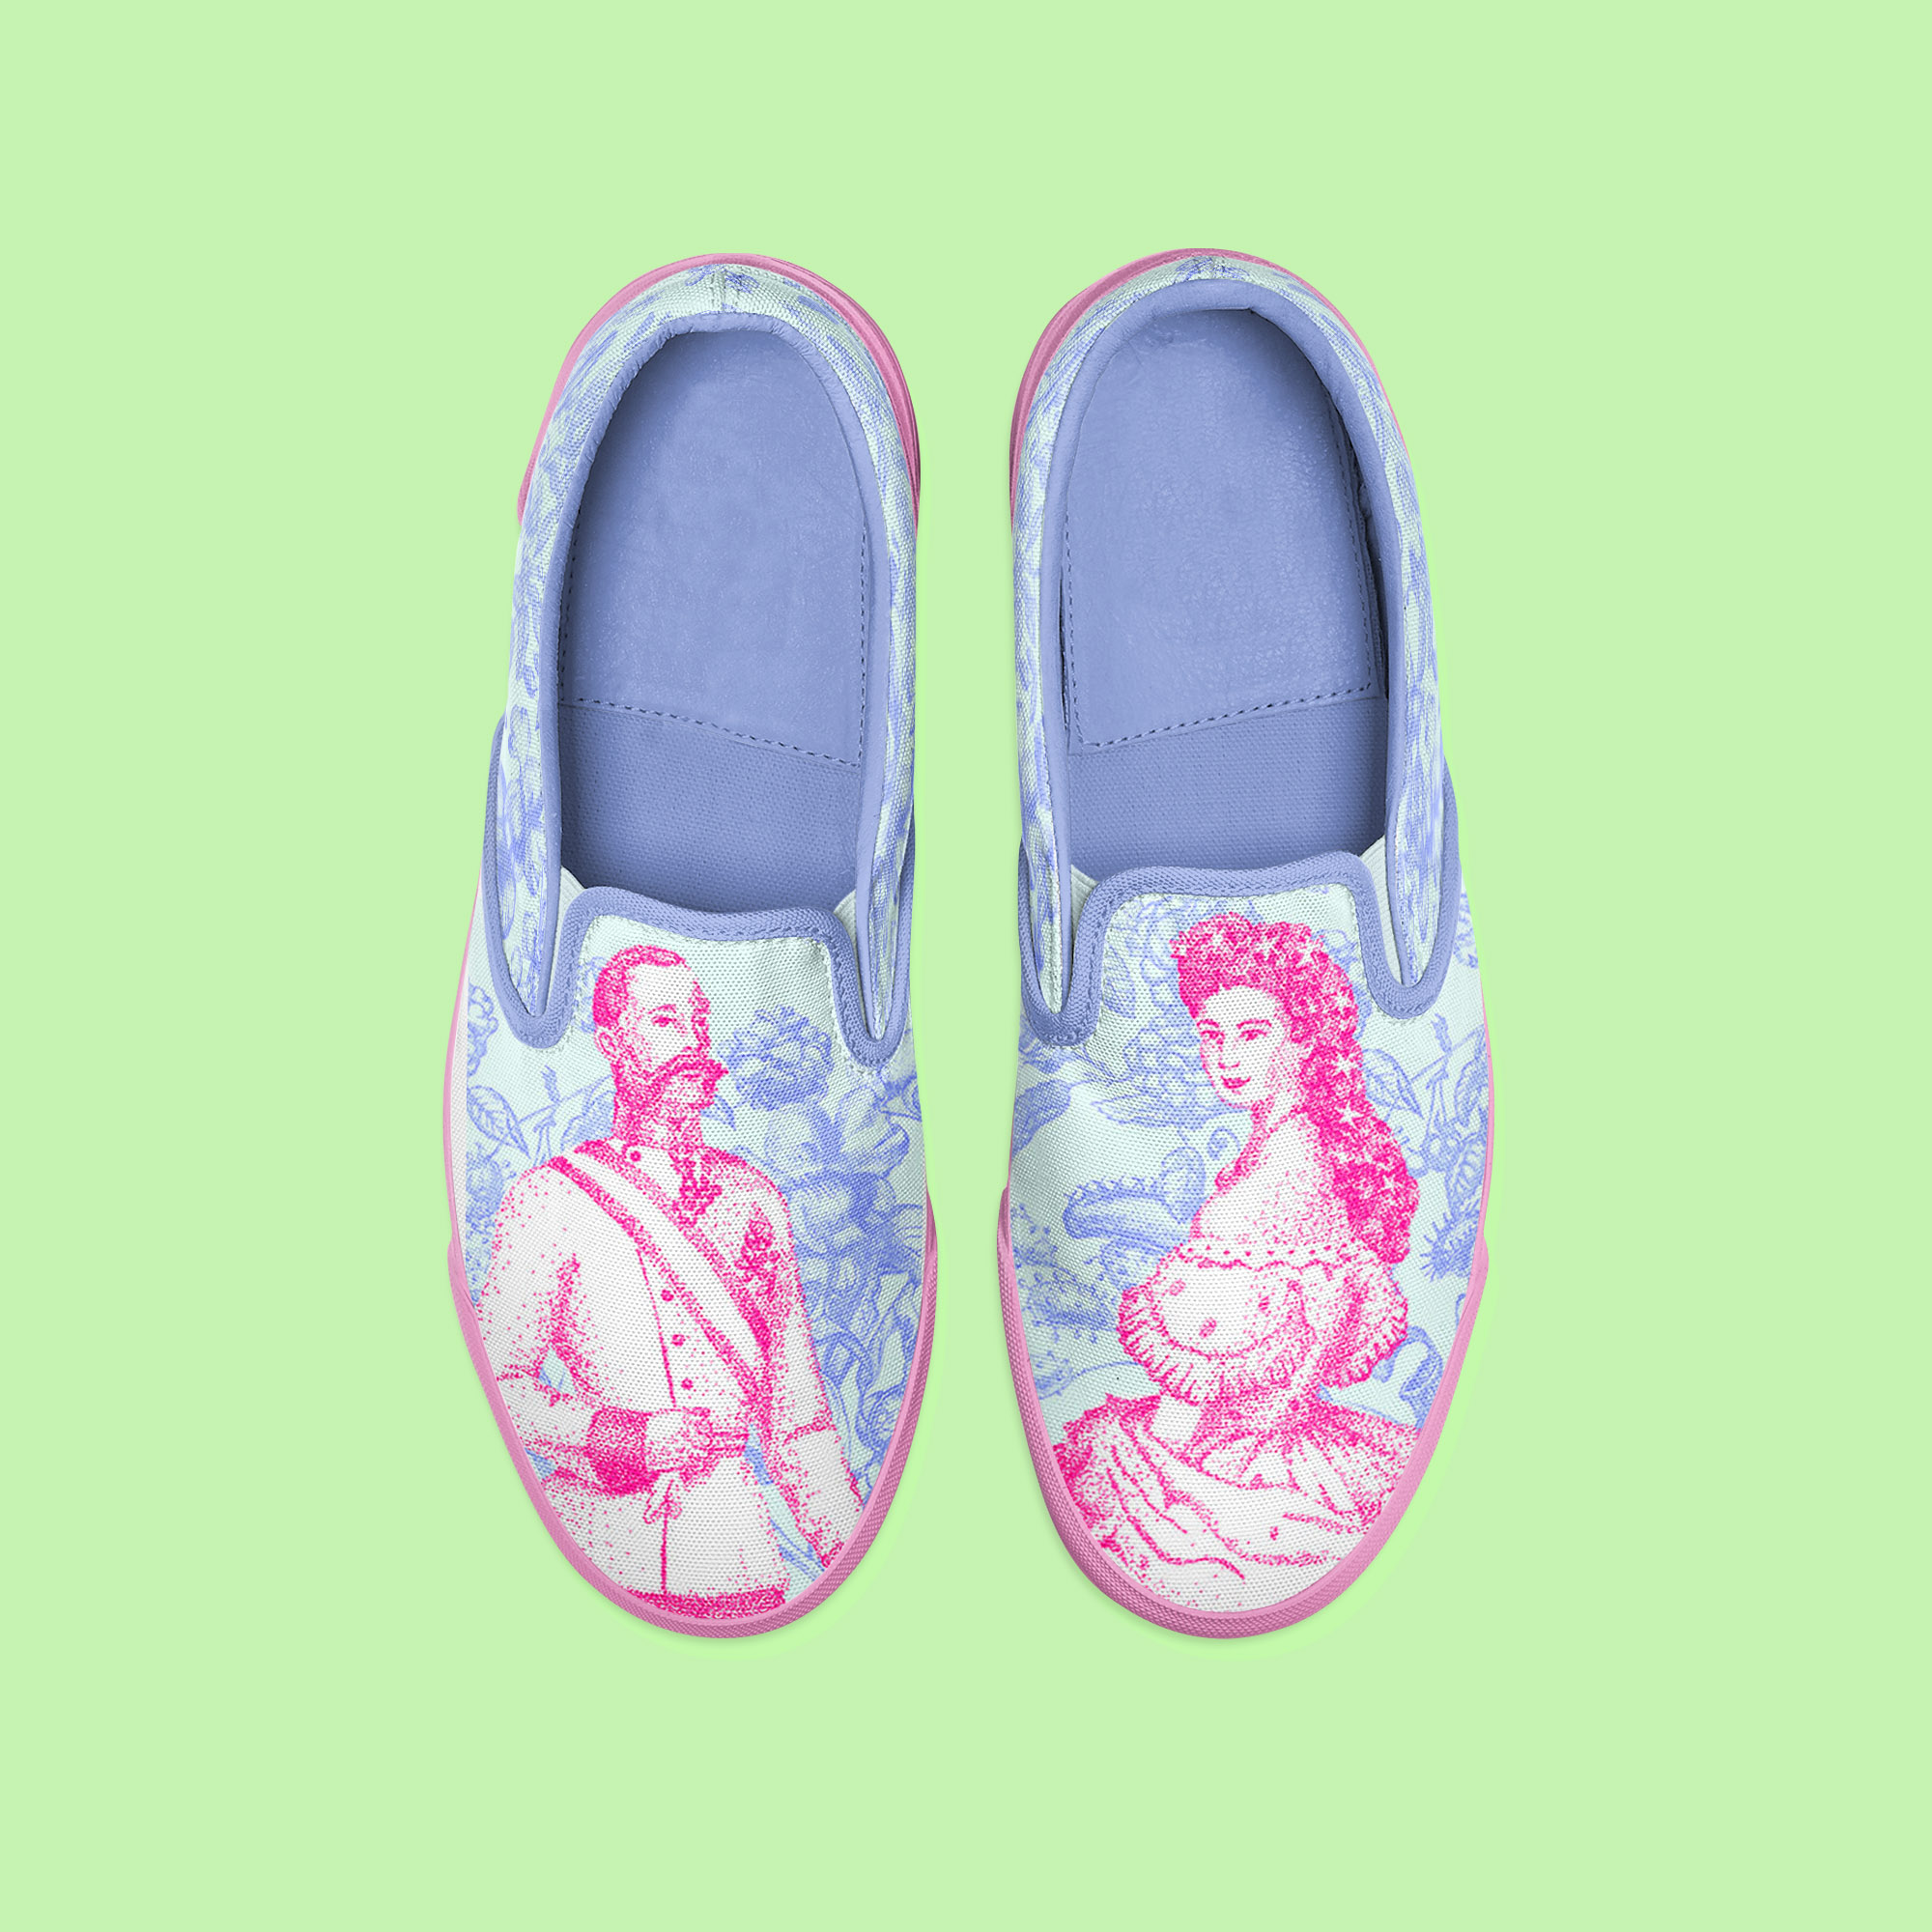 chaussures motifs Sissi et François Ferdinand d'Autriche, illustration au rotring